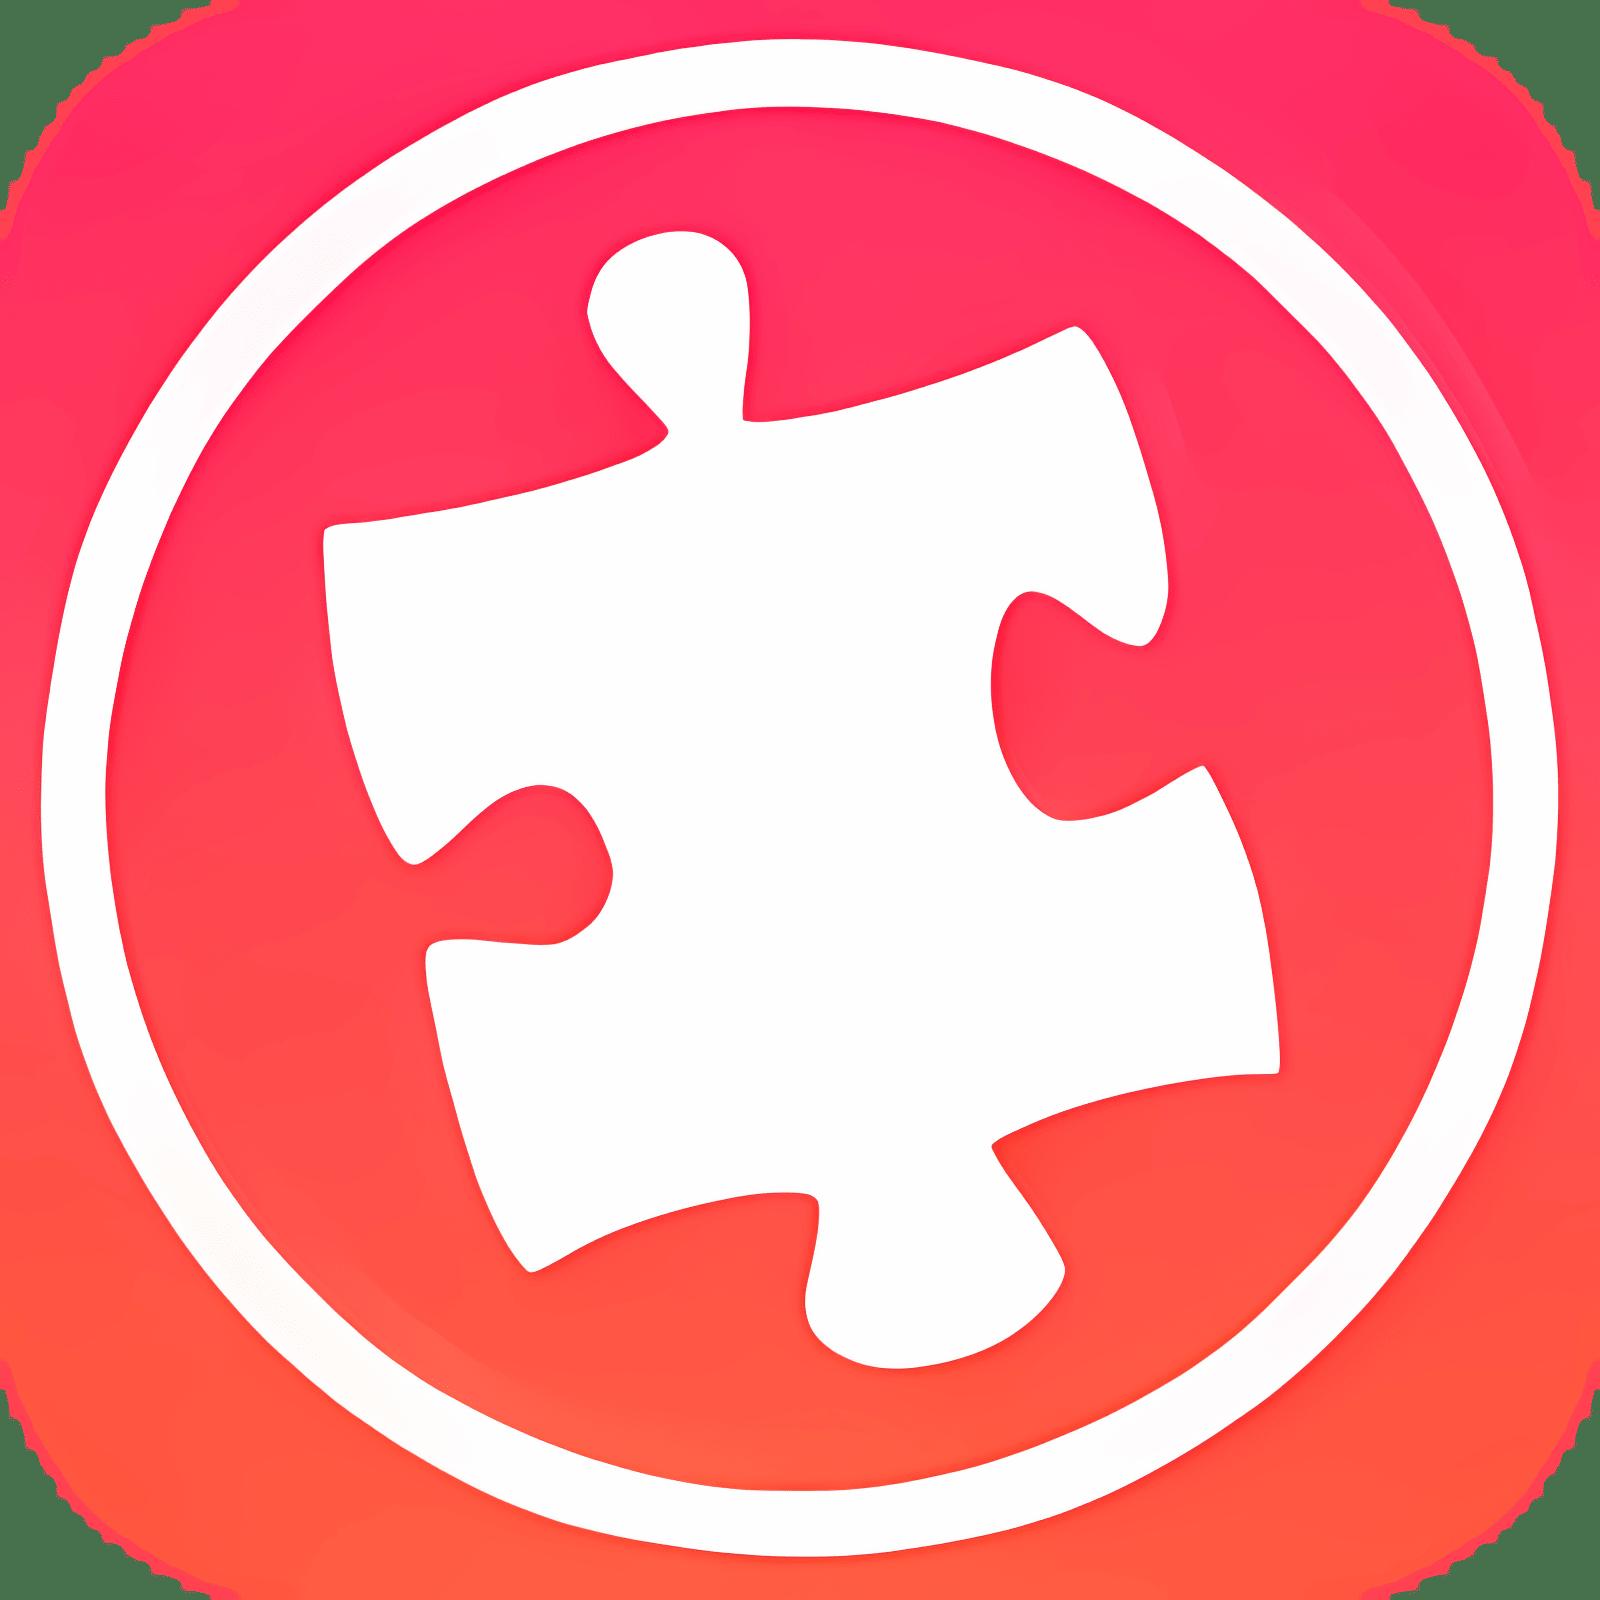 Puzzle Man Pro - El classico juego de puzzles y rompecabezas en tu bolsillo